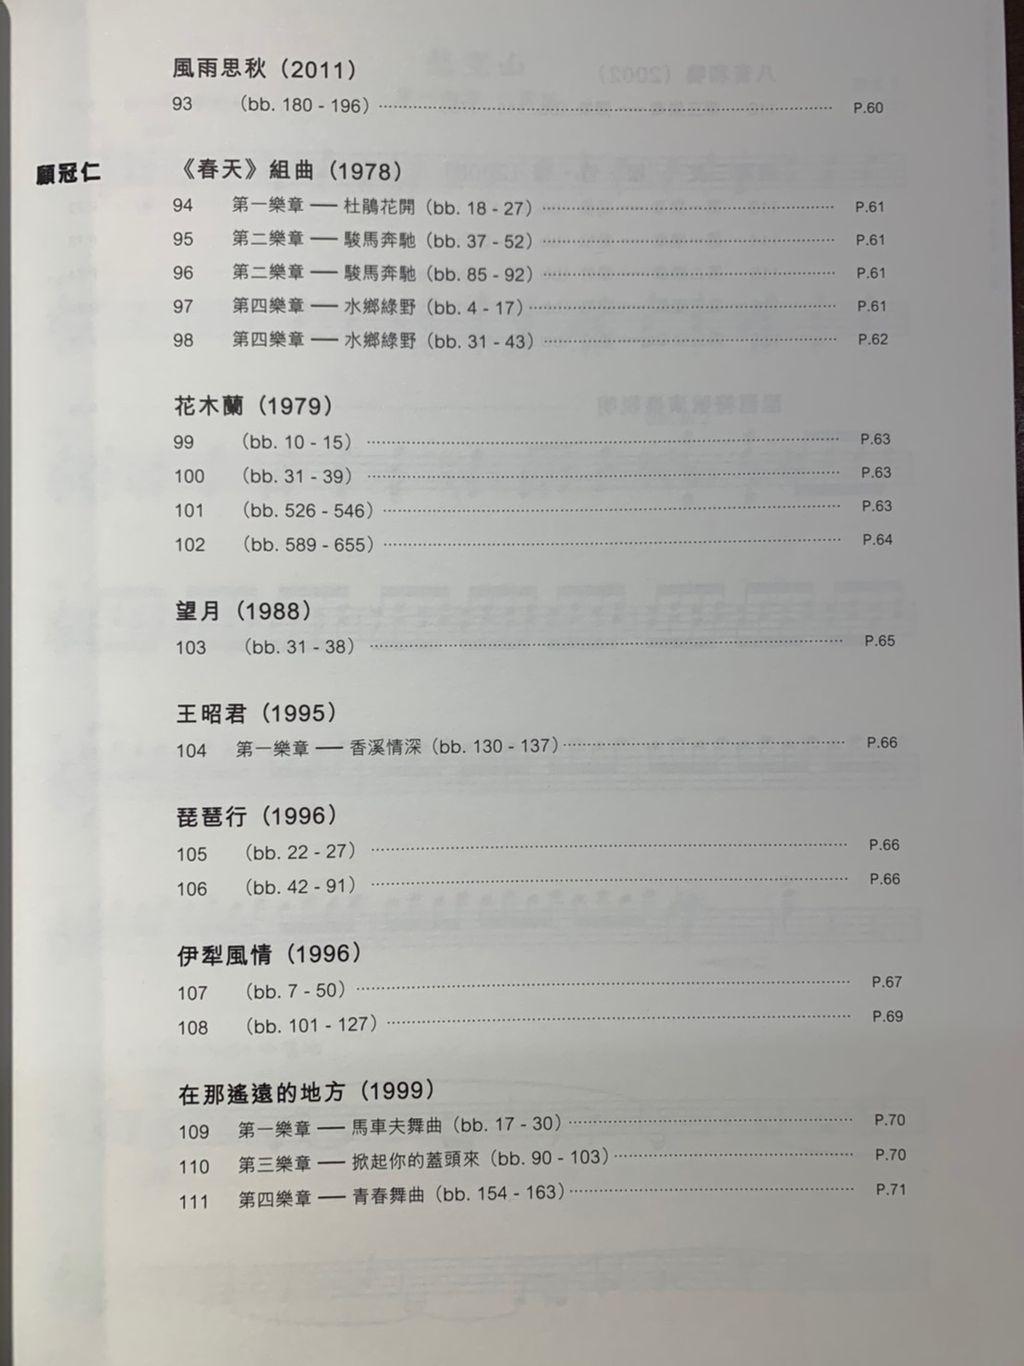 65351B45-D89A-4D6B-A628-E99626423615.jpeg